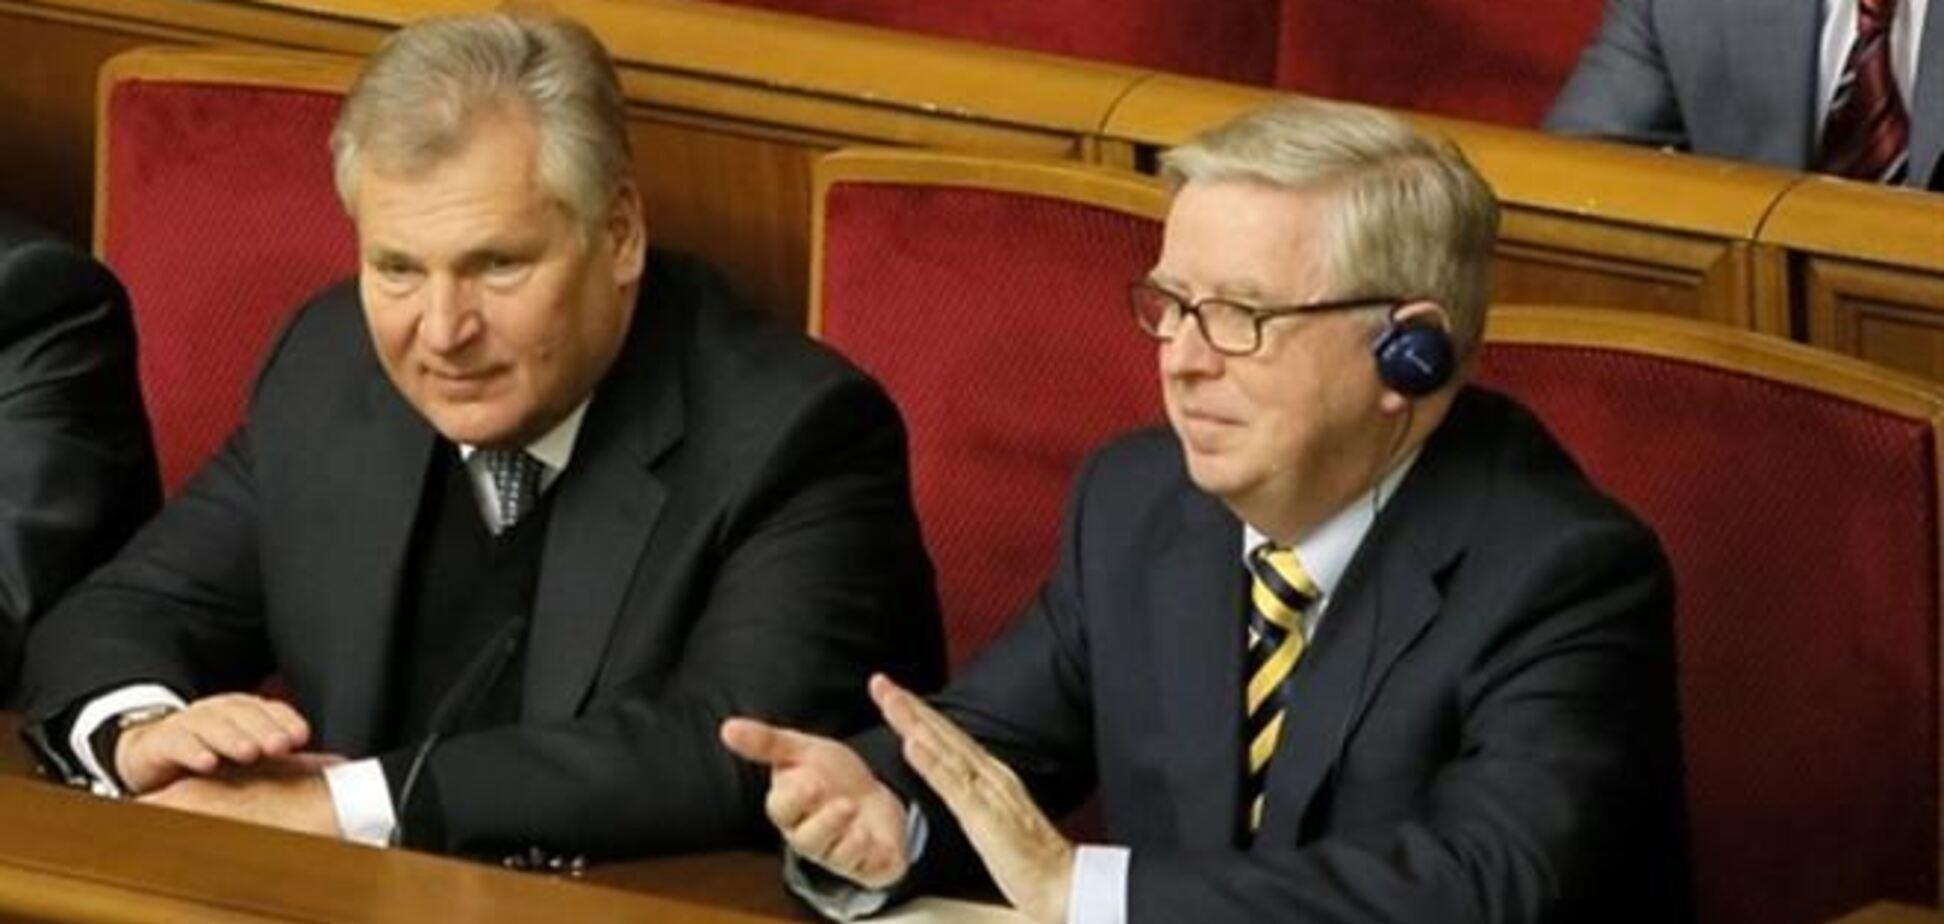 Глава Европарламента хочет продлить миссию Кокса-Квасневского в Украине